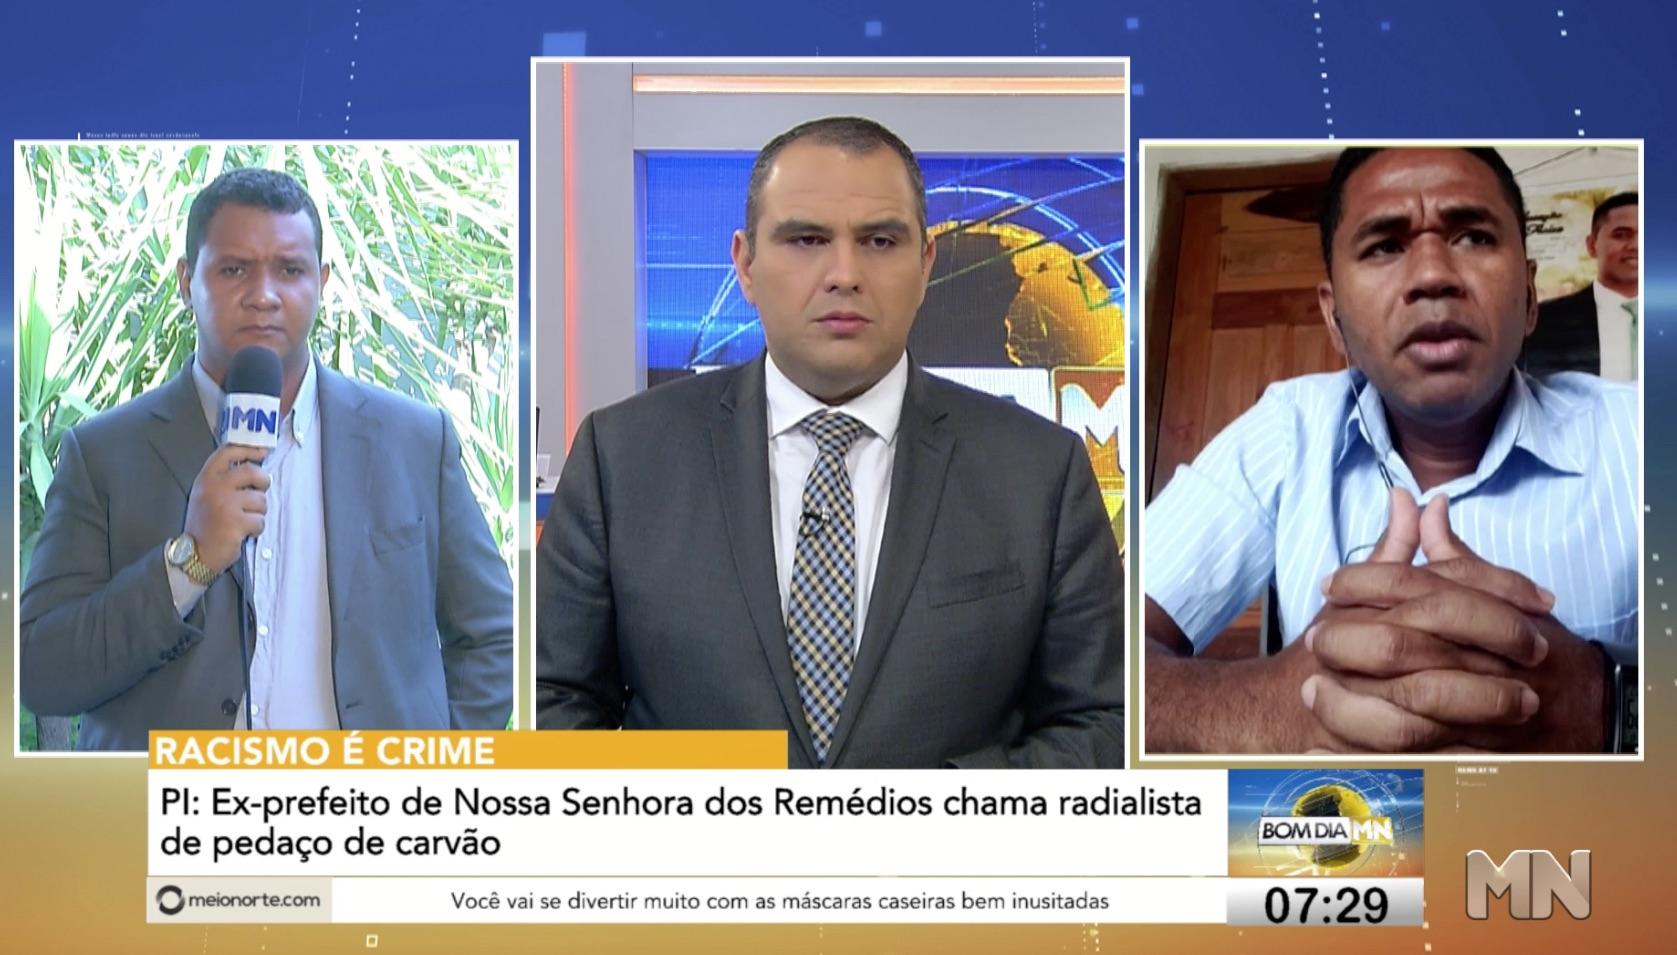 """PI: Ex-prefeito Ronaldo Lages chama radialista de """"pedaço de carvão"""" - Imagem 2"""